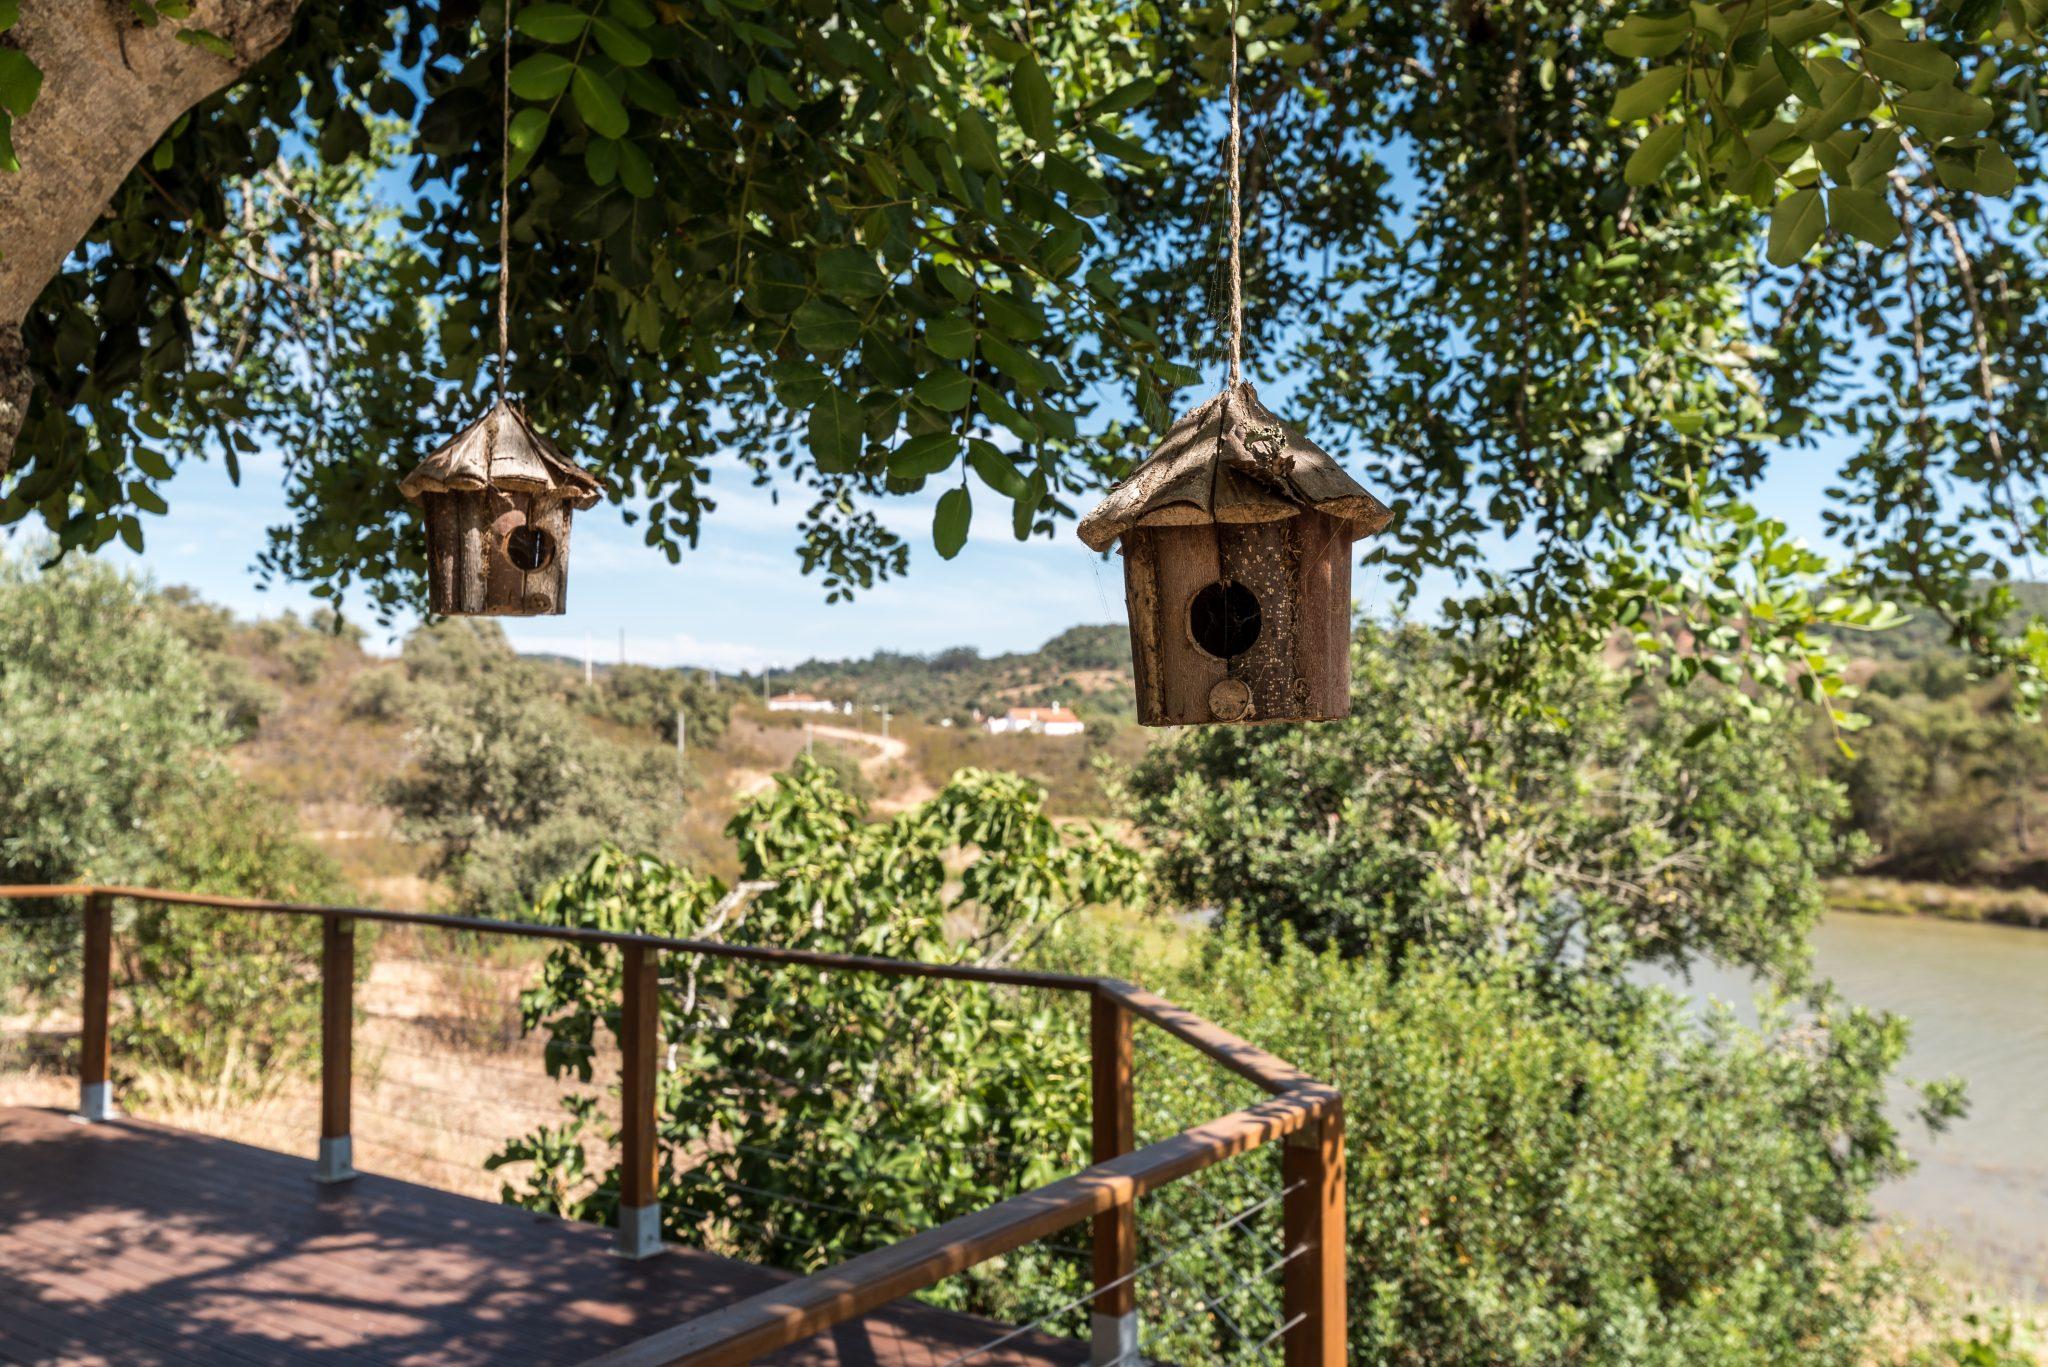 birdsong nature